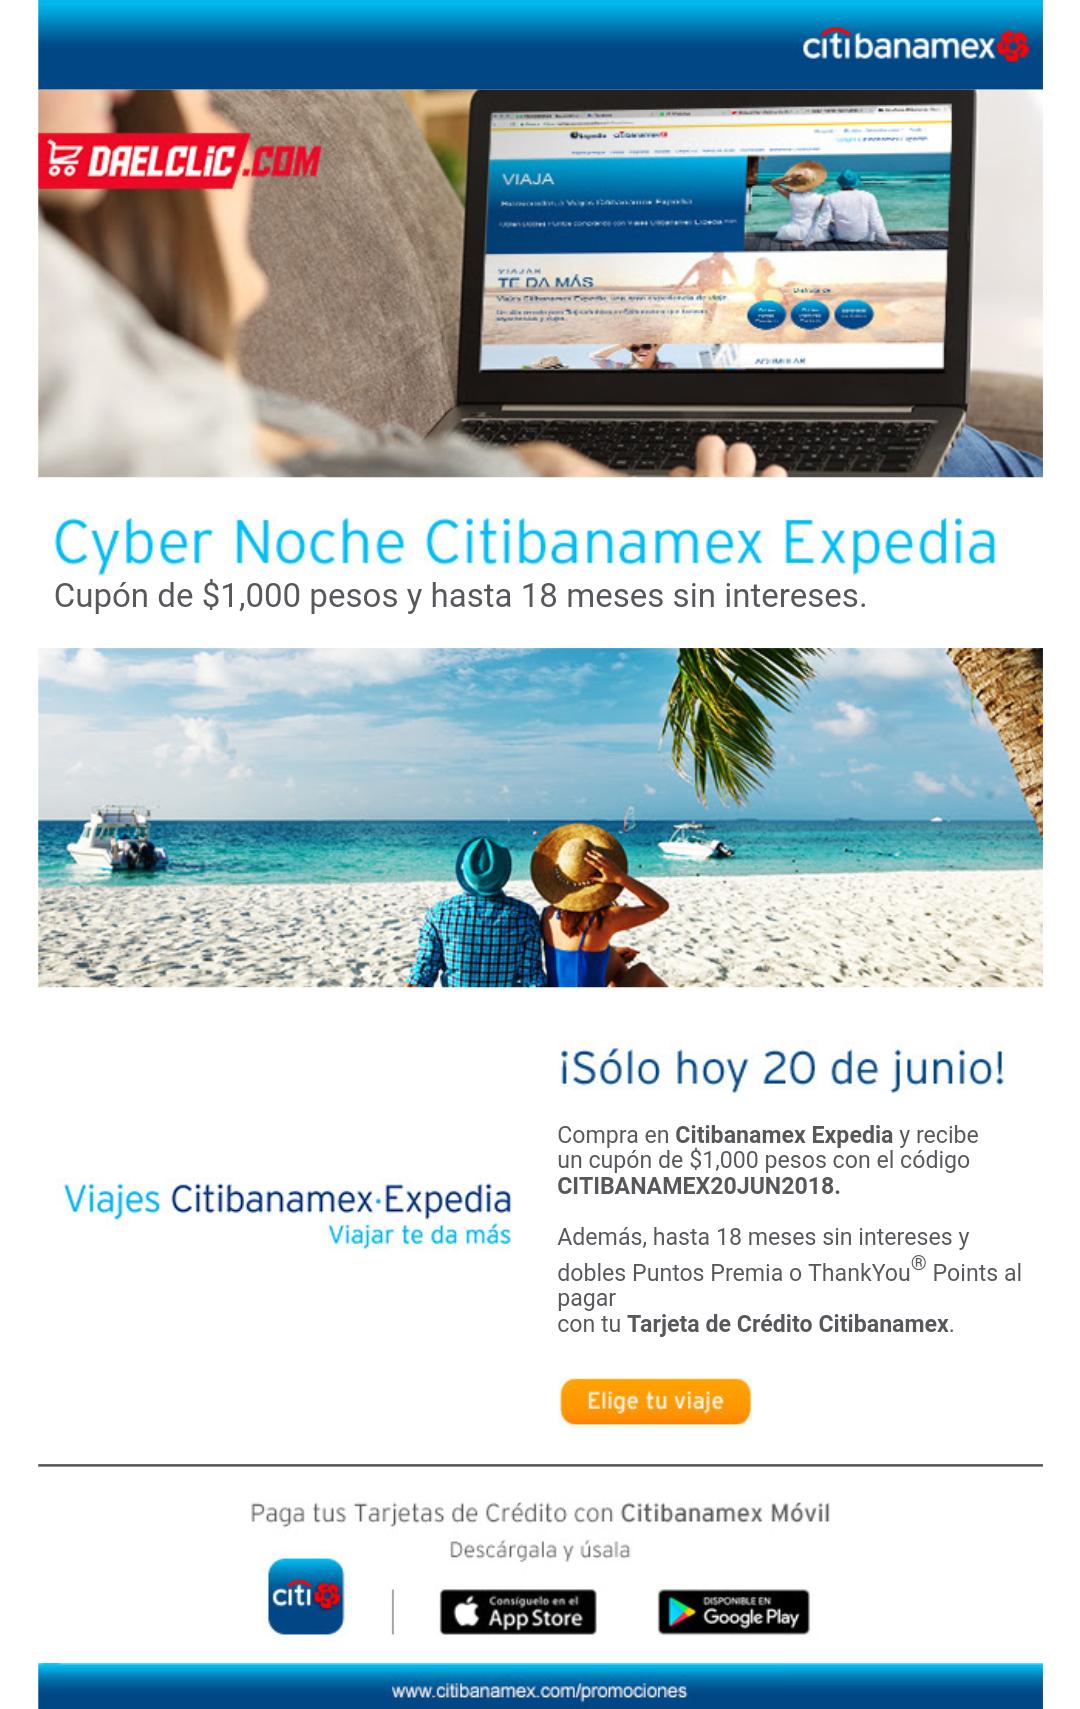 Expedia: $1000 de descuento pagando con Citibanamex-Expedia solo hoy!!